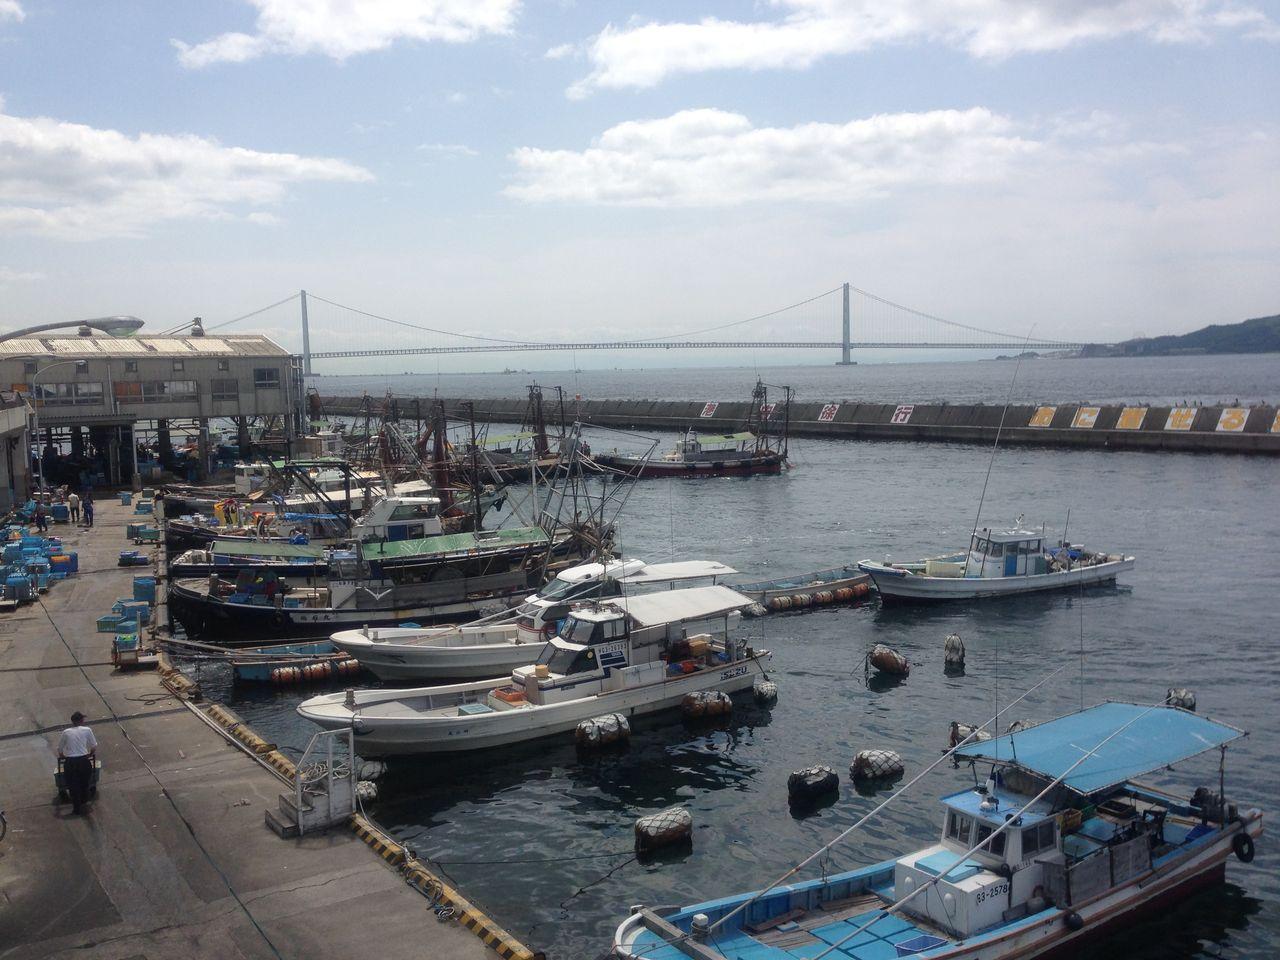 京都から世界へ -藤田功博の京都日記-明石浦漁港で「漁港の違い」を知るコメントトラックバック